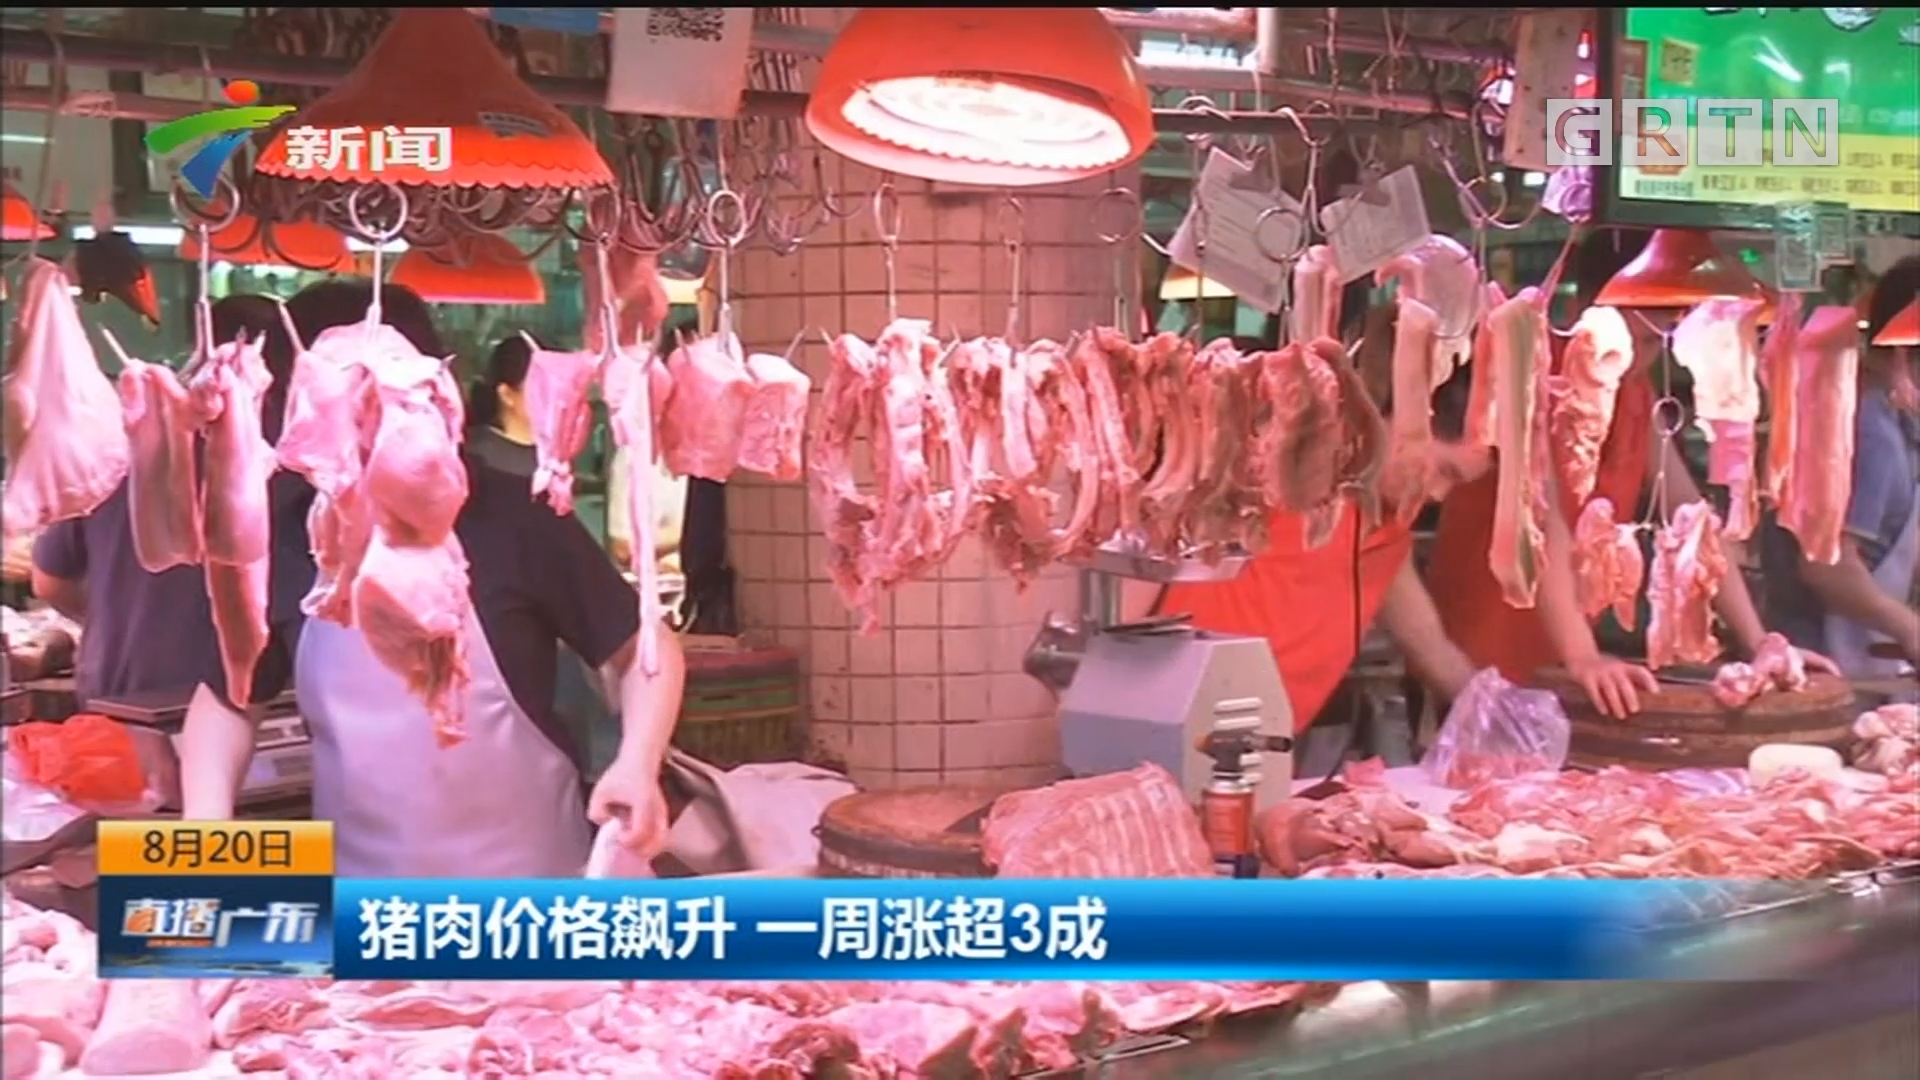 猪肉价格飙升 一周涨超3成